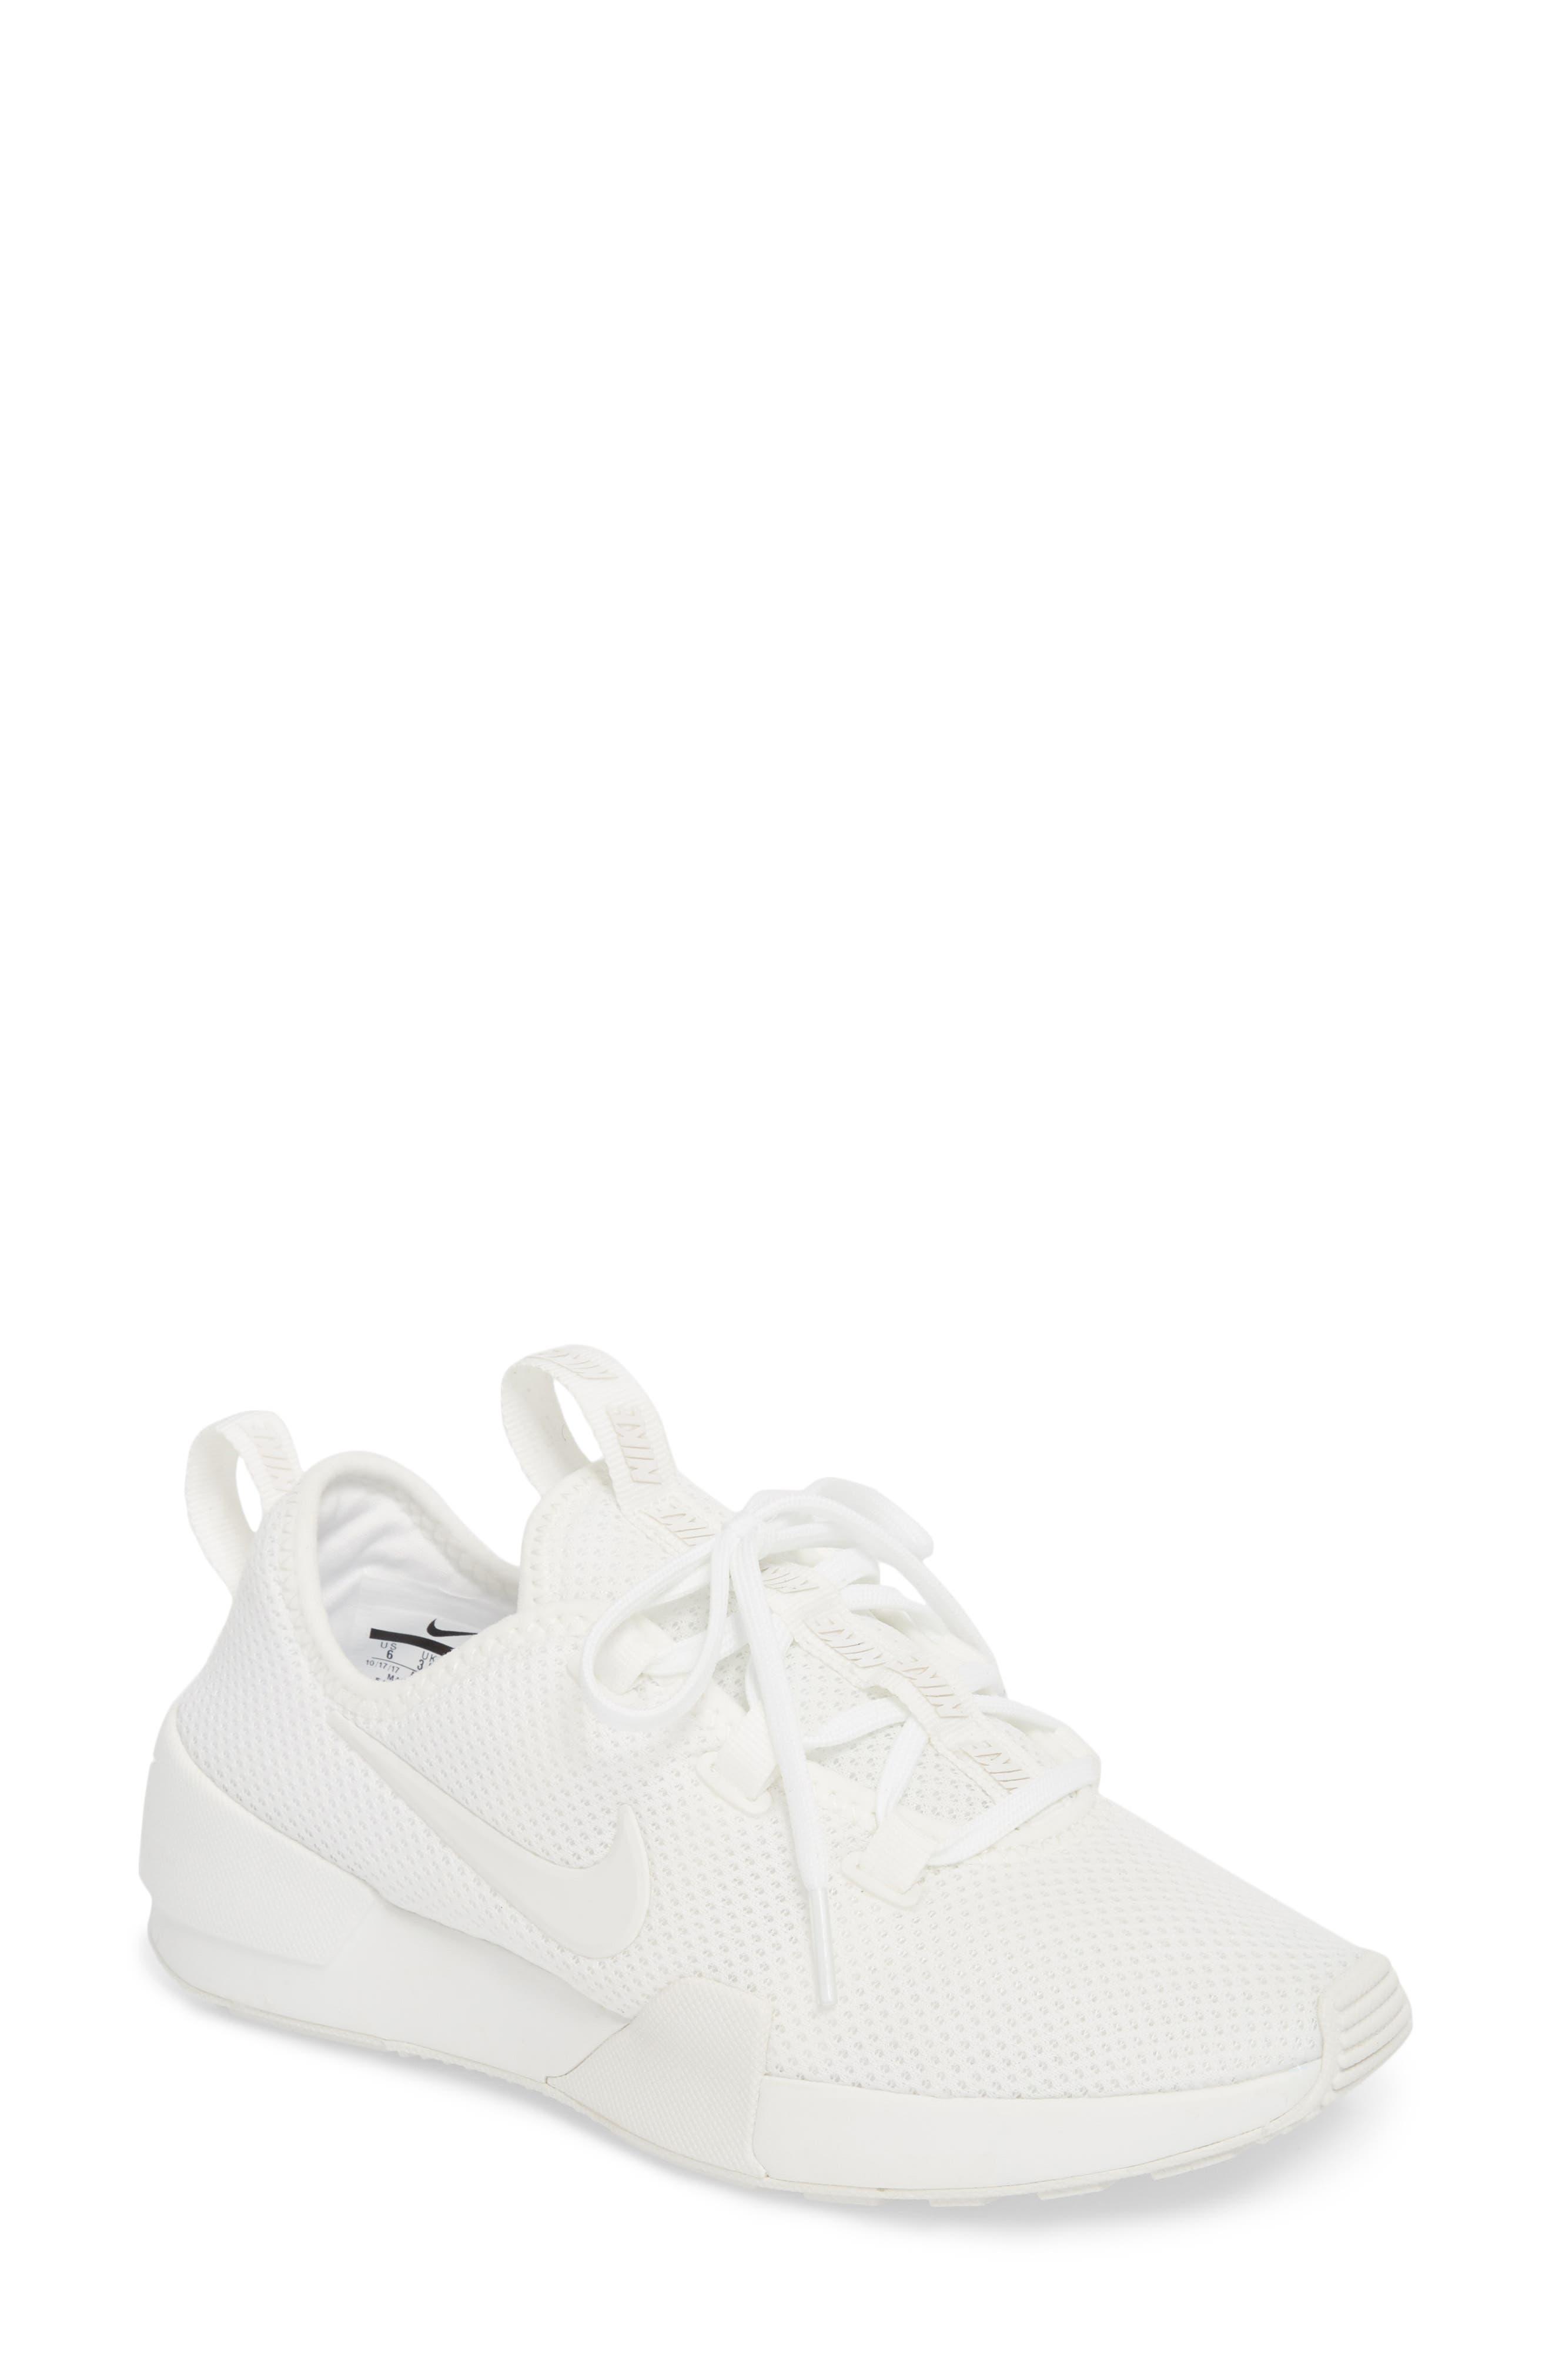 Ashin Modern Shoe,                         Main,                         color, Summit White